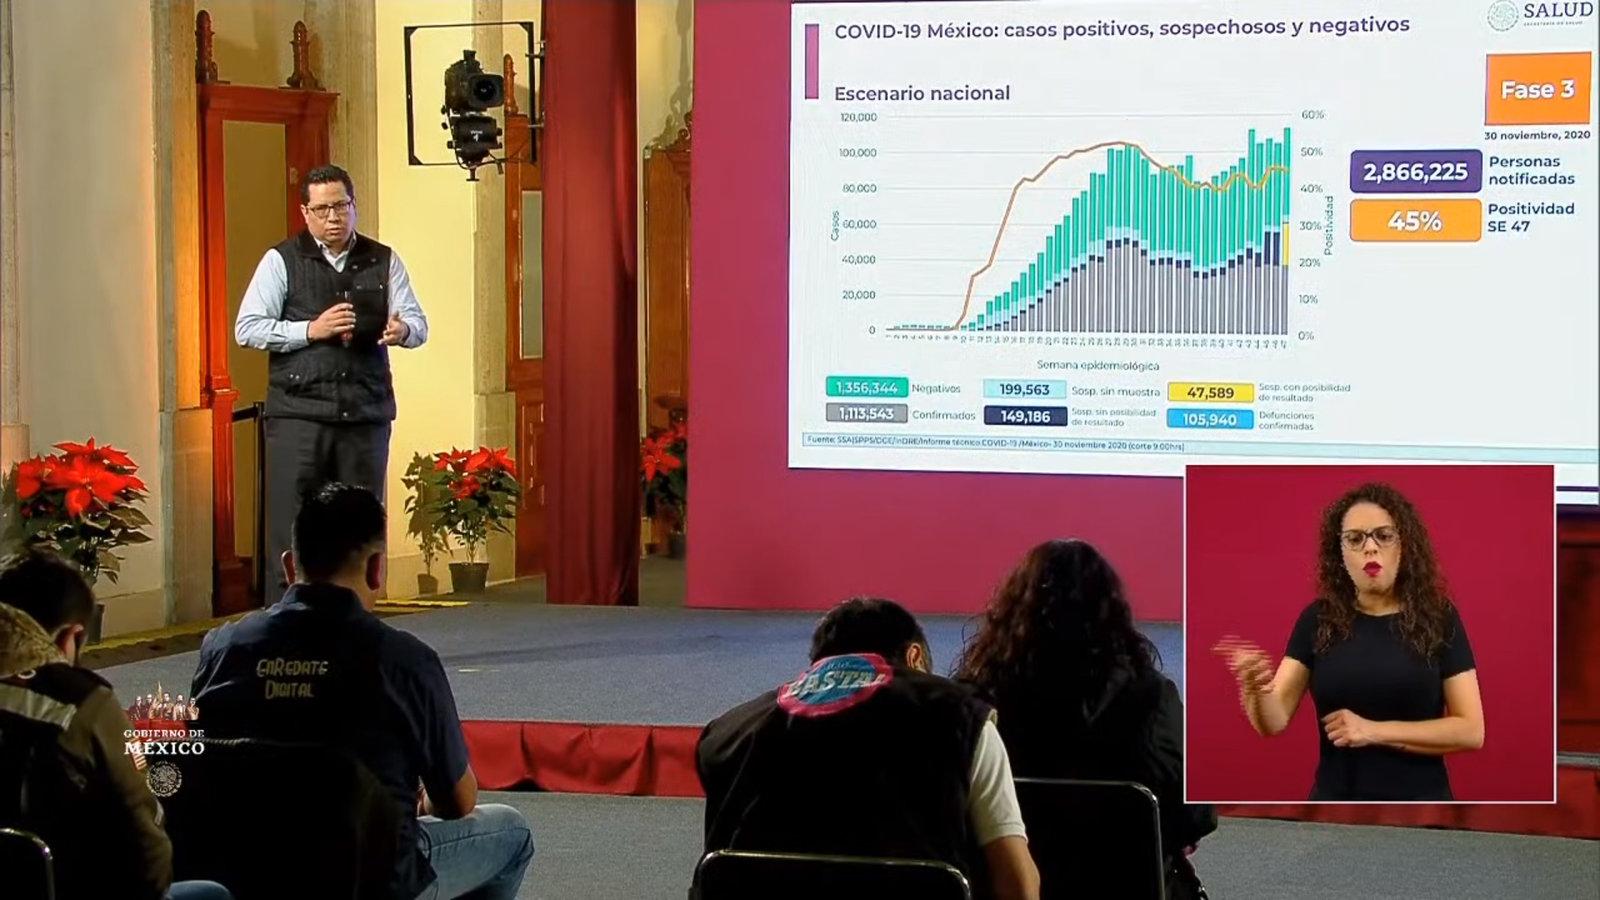 México reporta 105,940 decesos y 1,113,543 contagios por COVID-19